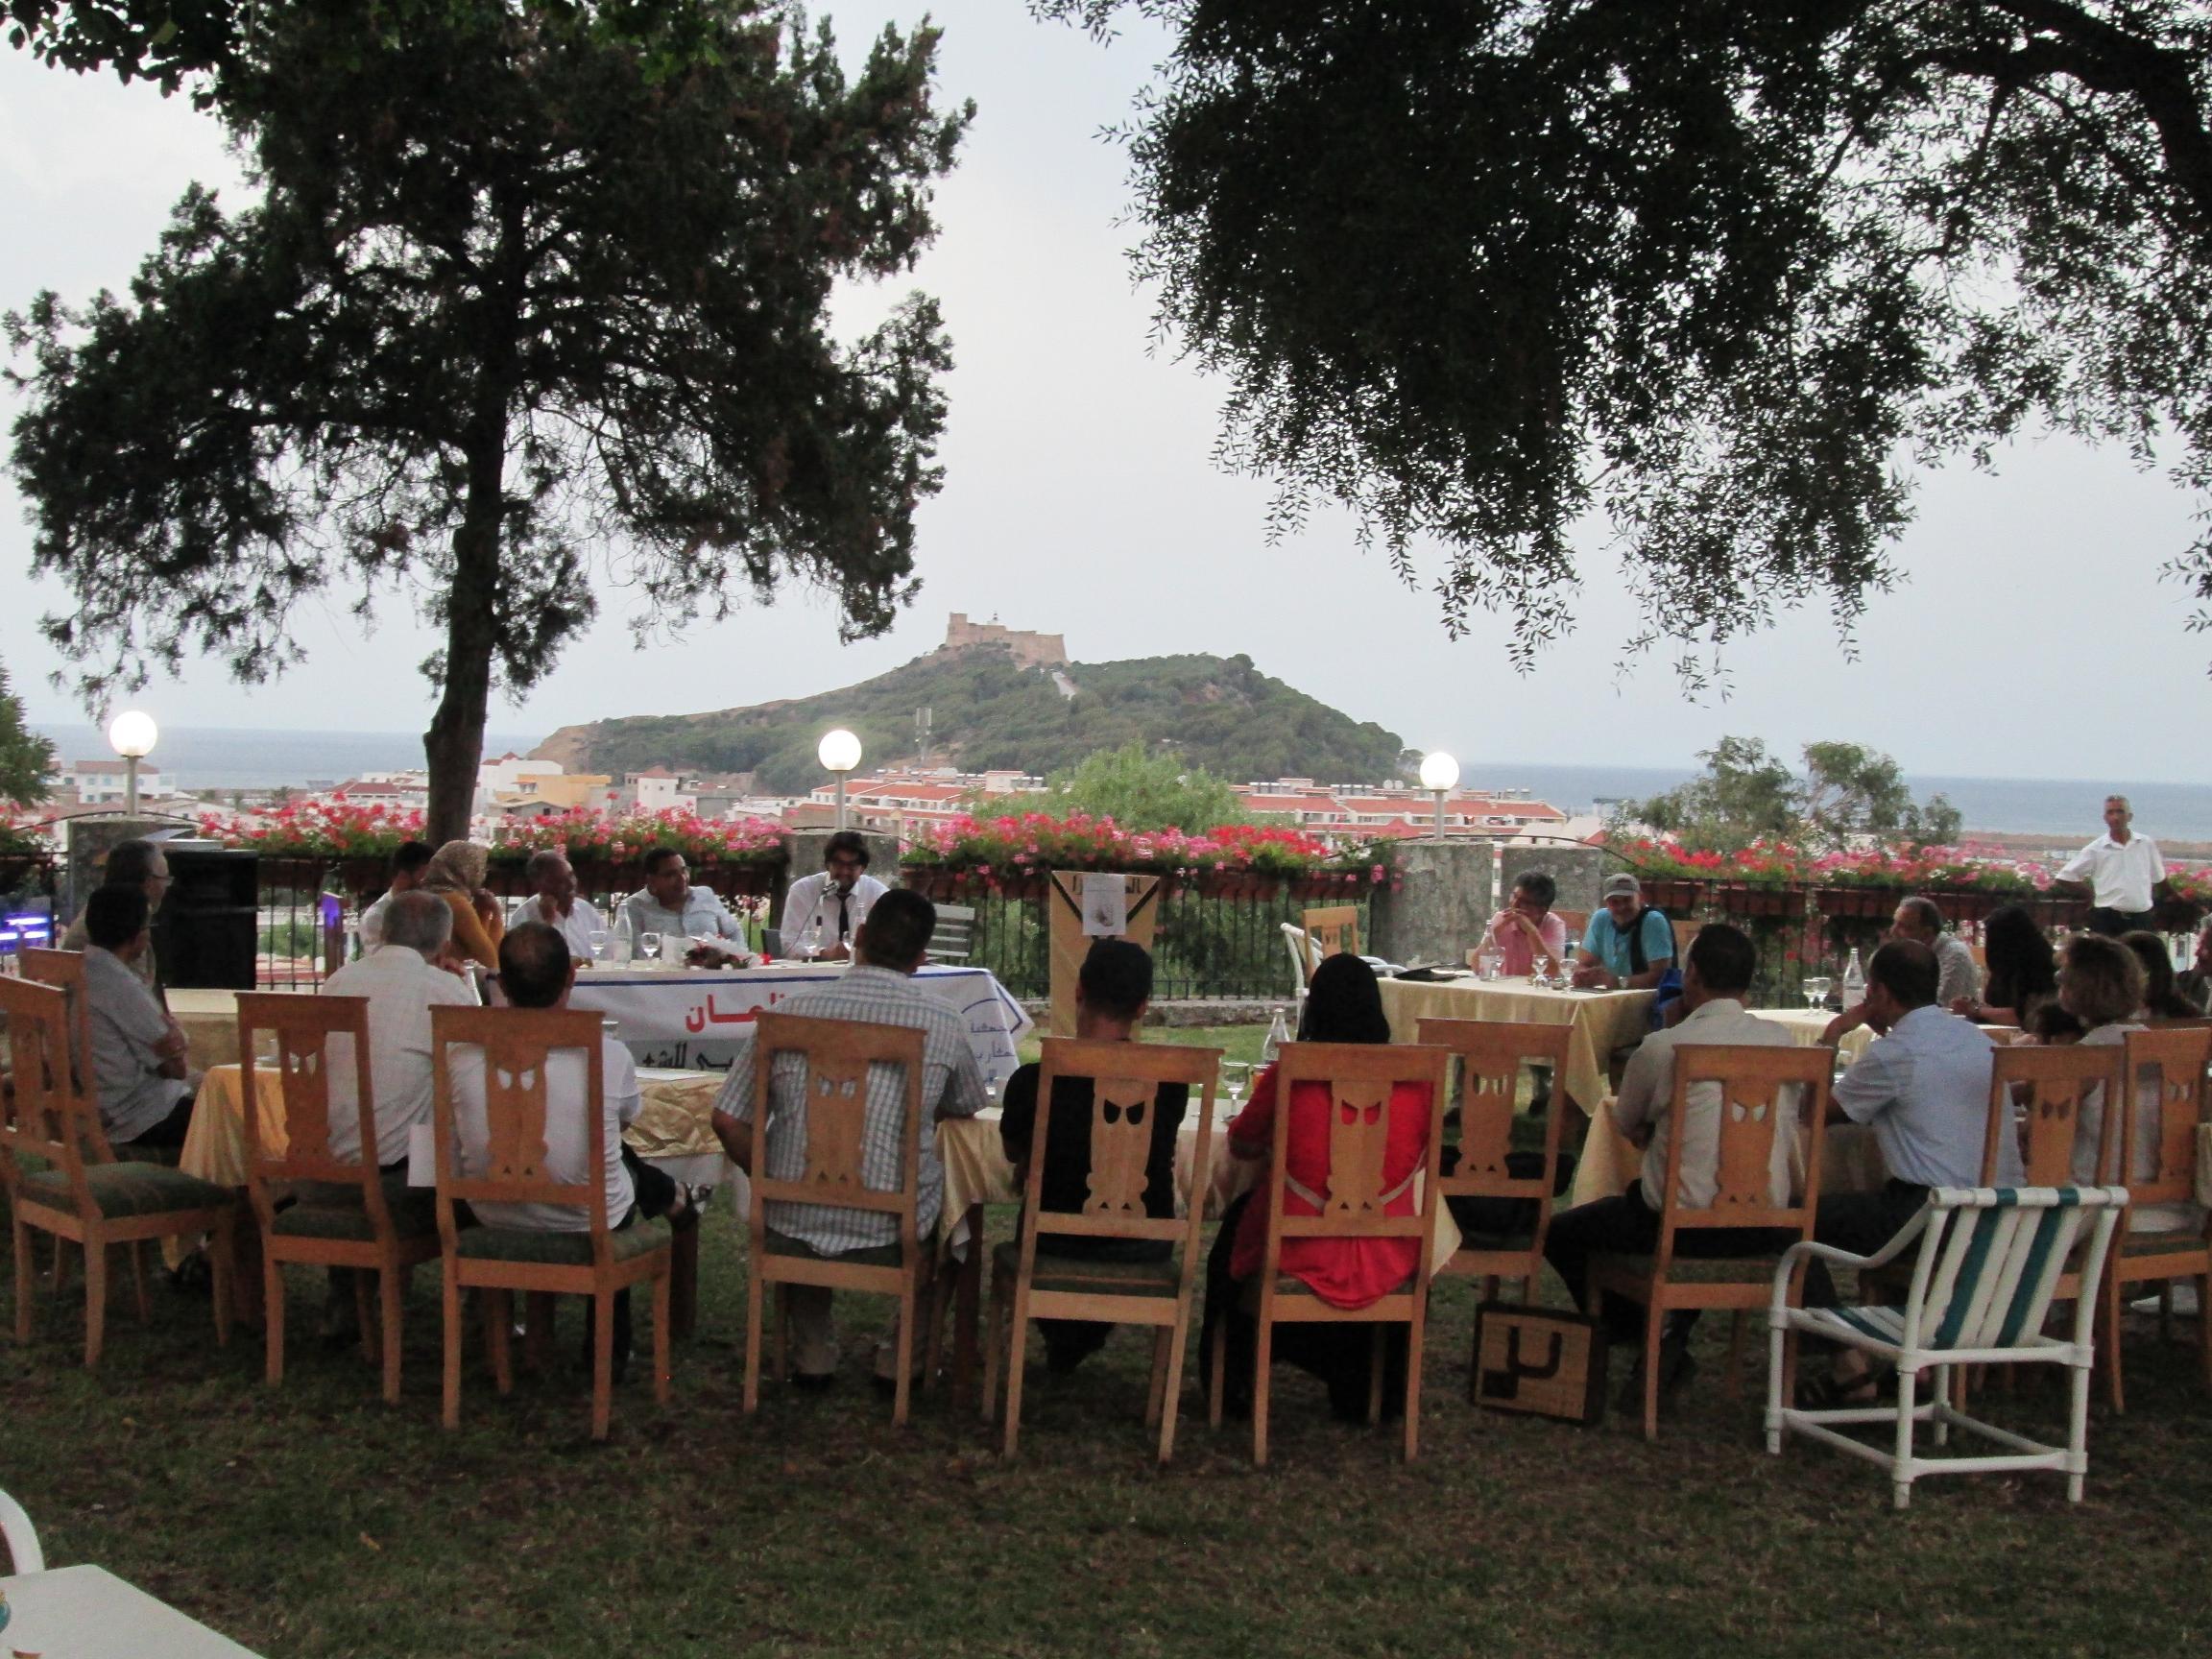 """Atelier """"poésie"""" sur la terrasse du """"Mimosa"""", un hôtel de charme situé sur les hauts de Tabarka.  Venus du Maroc, d'Algérie et de Tunisie des poètes déclament des textes qui résonnent et couvrent le chant des cigales."""